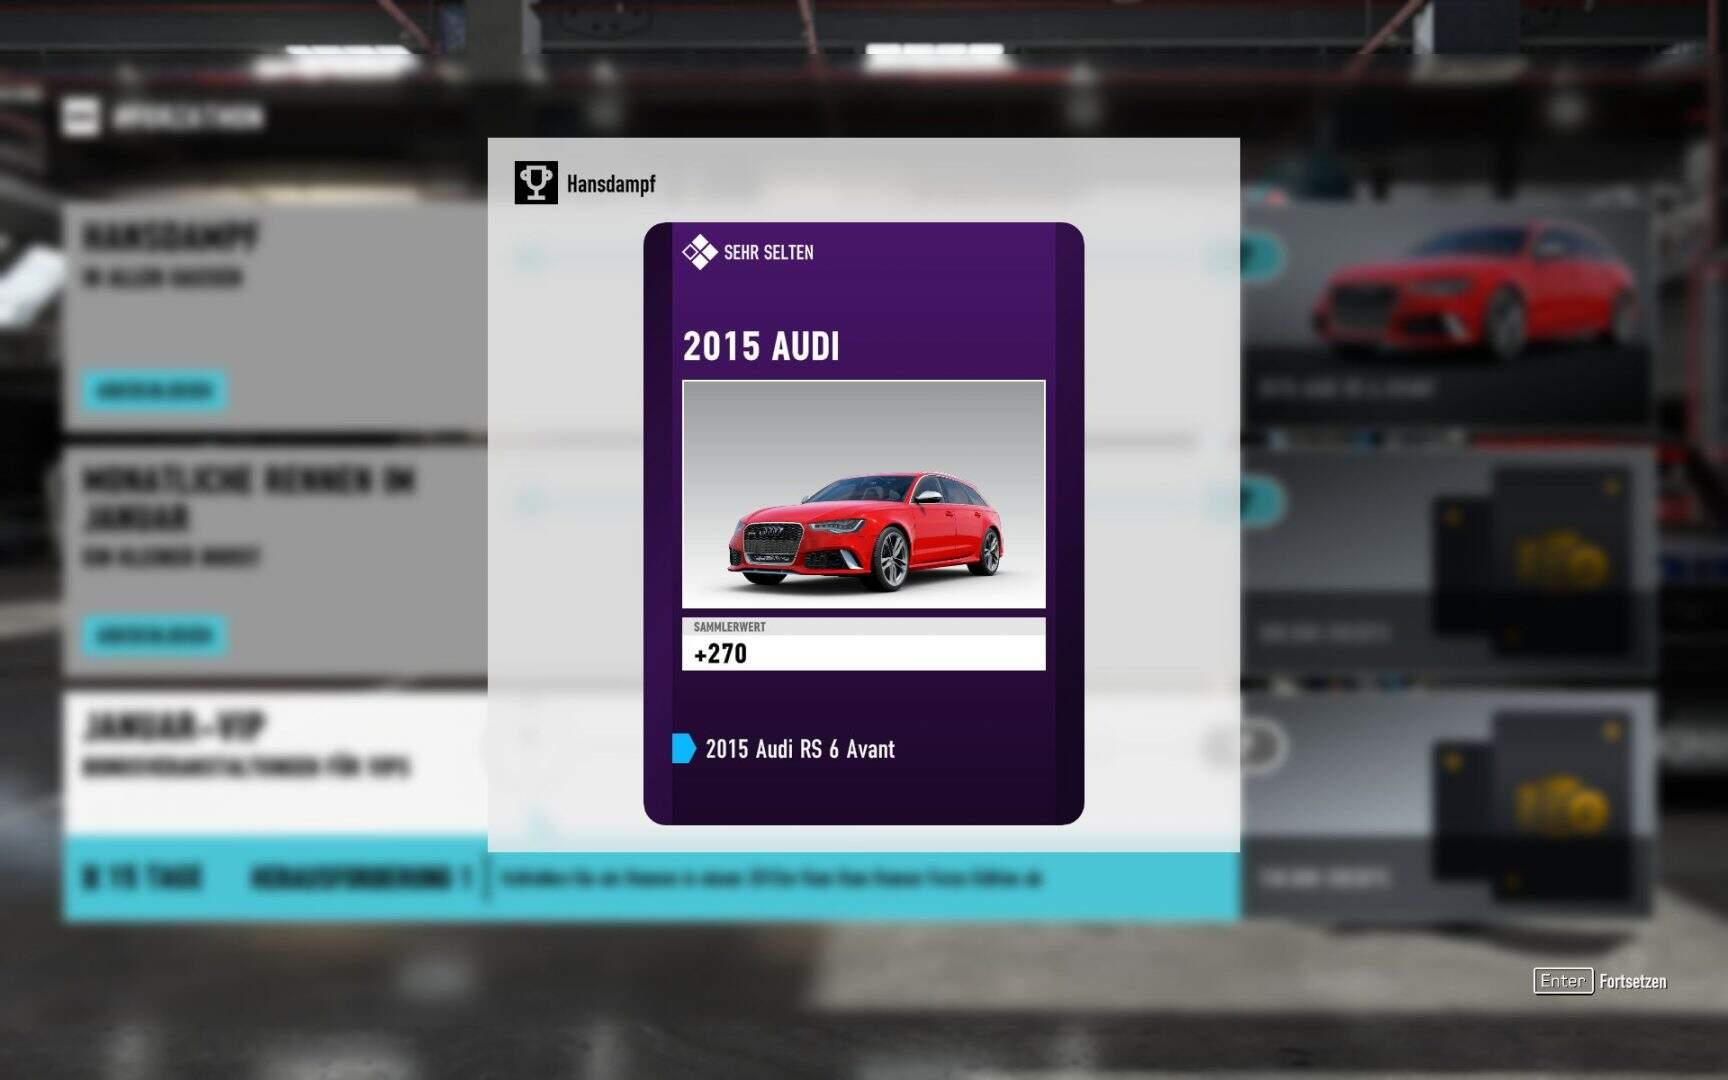 Forza Motorsport 7 Forzathon Hansdampf Belohnung